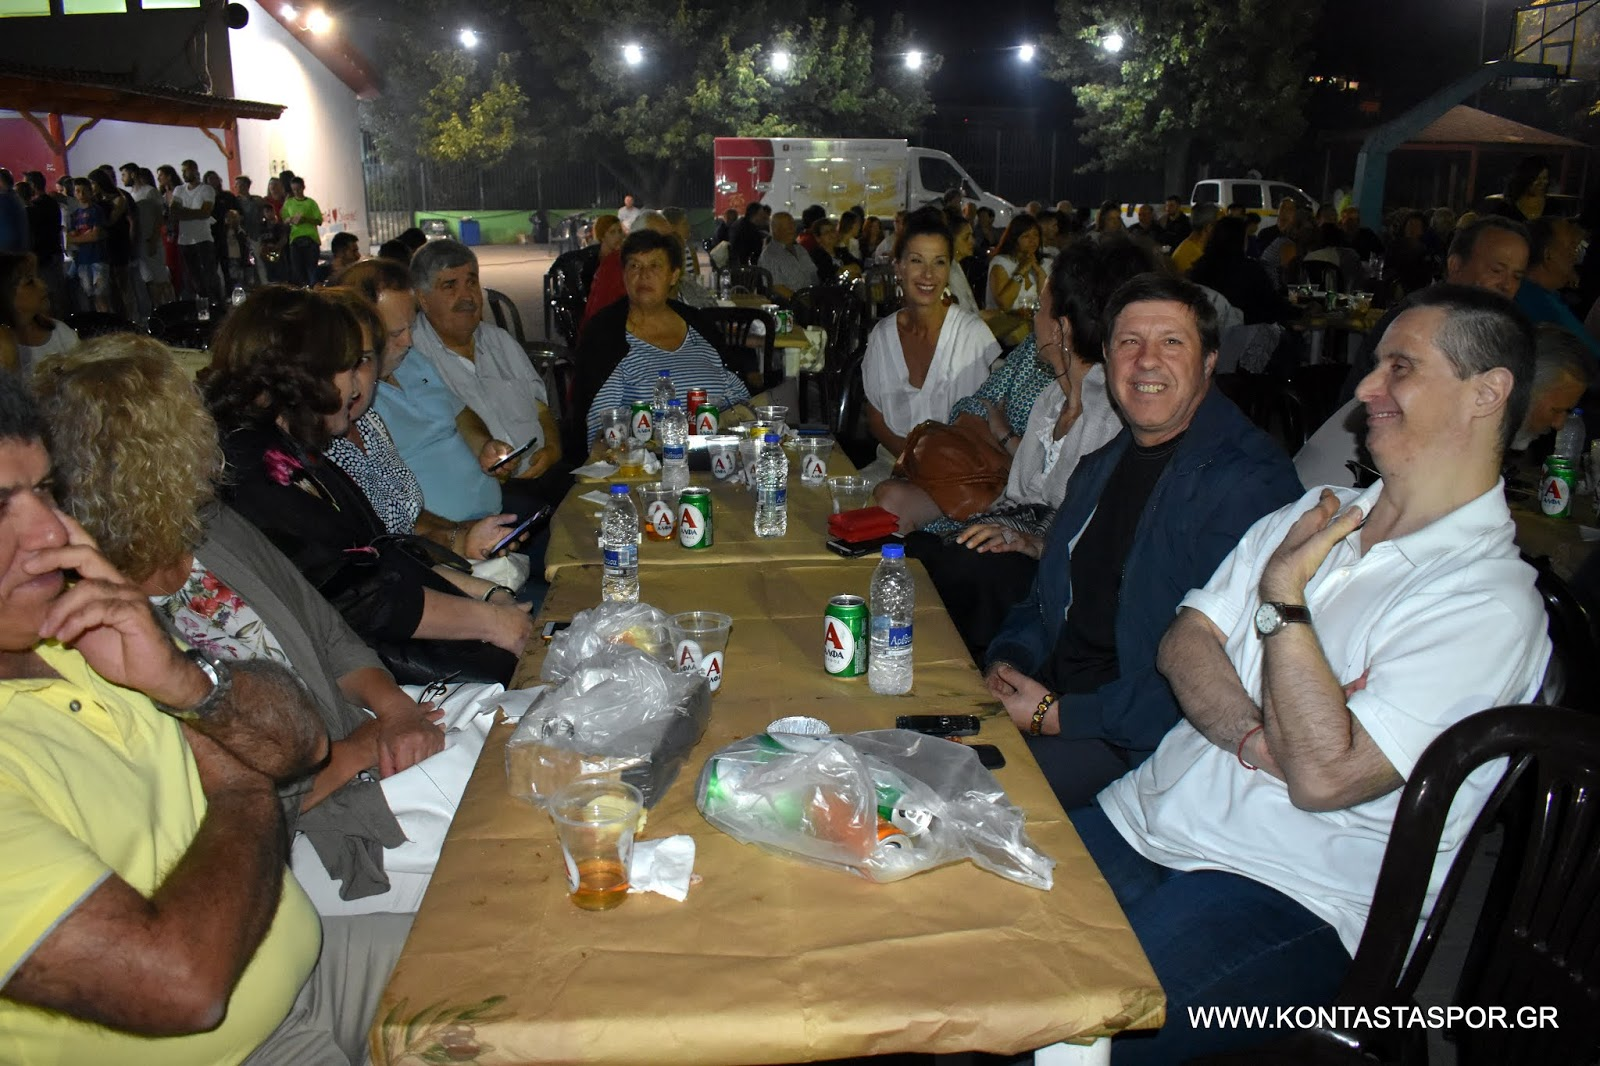 Με επιτυχία η λαική βραδιά  Αδαμαντίδη στα Ψαχνά (φωτογραφίες) 1 DSC 0081